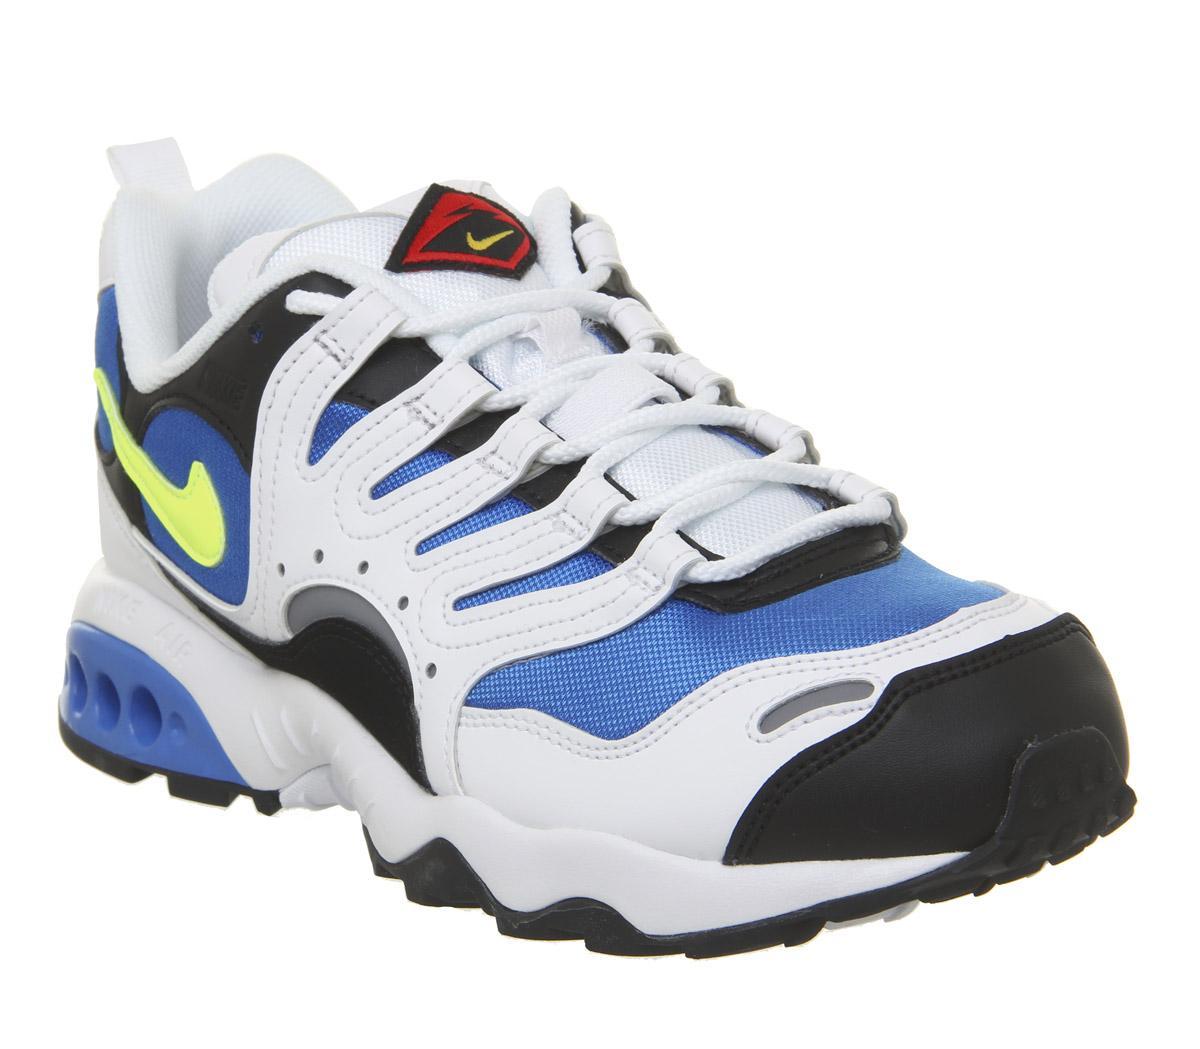 Nike Air Terra Humara 18 Trainers White